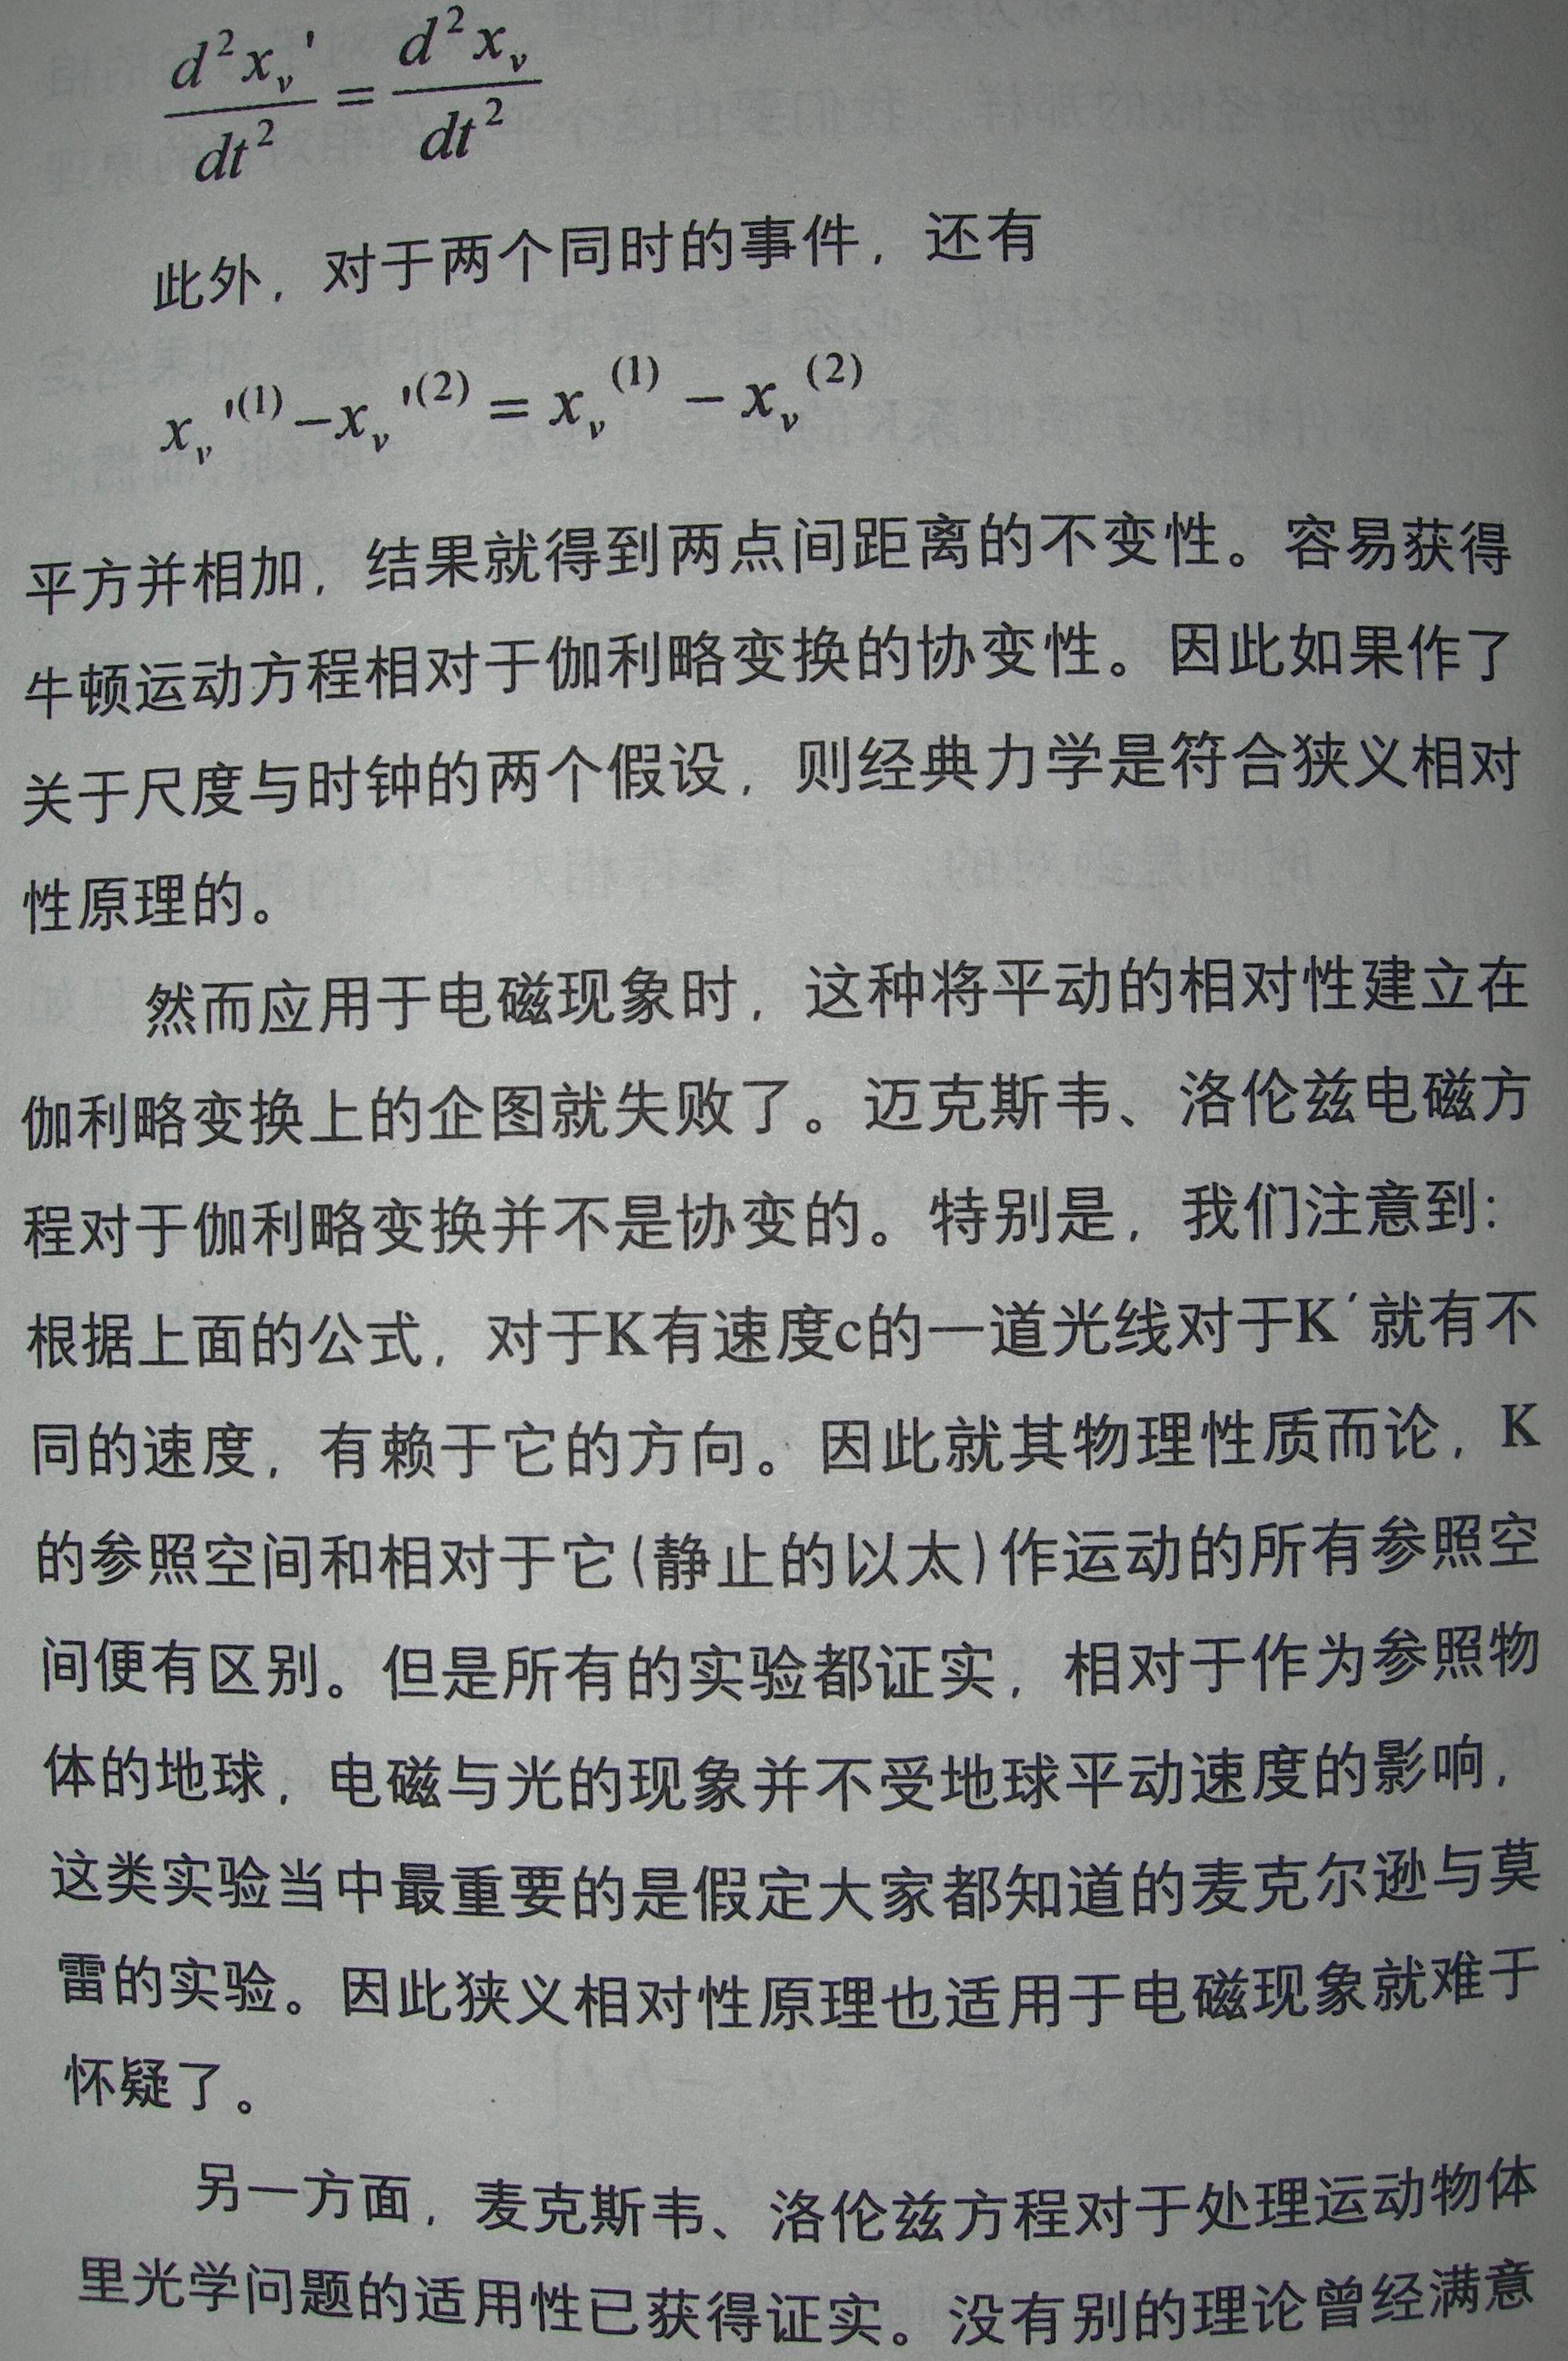 狭义相对论论文3.JPG